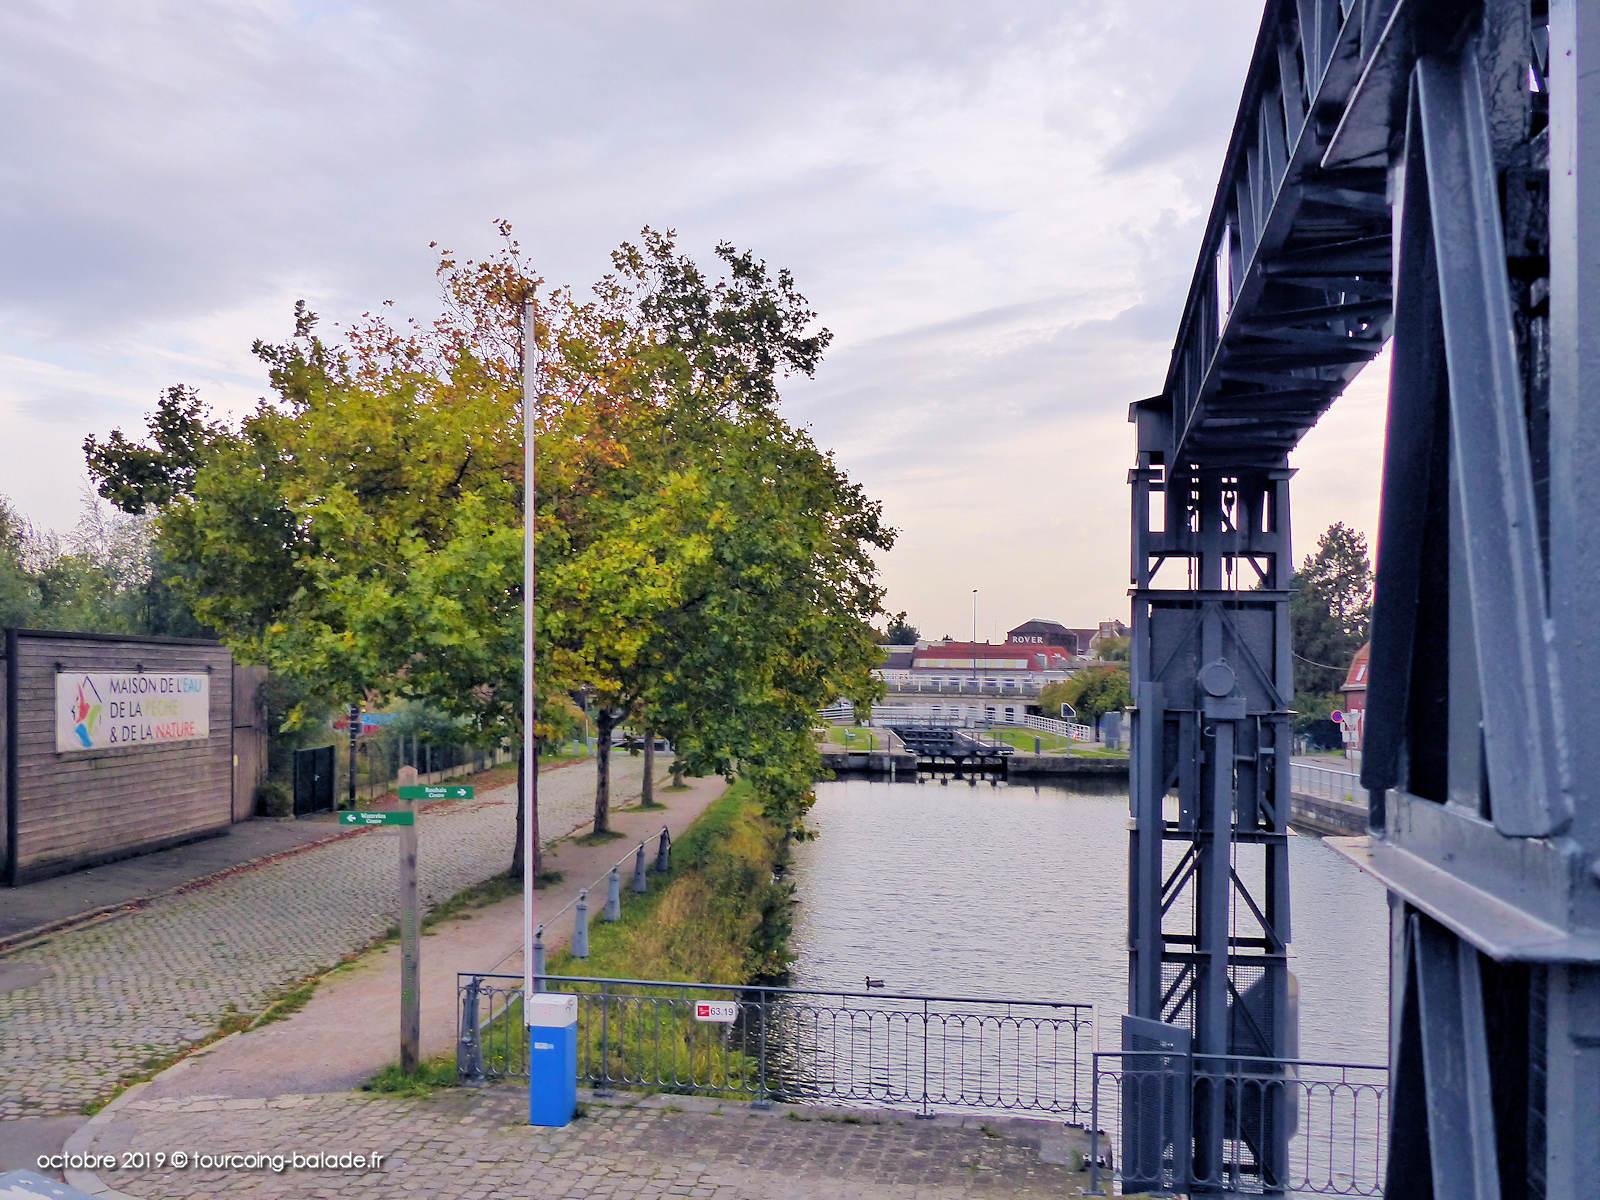 Maison de l'Eau, de la Pêche et de la Nature, Roubaix 2019